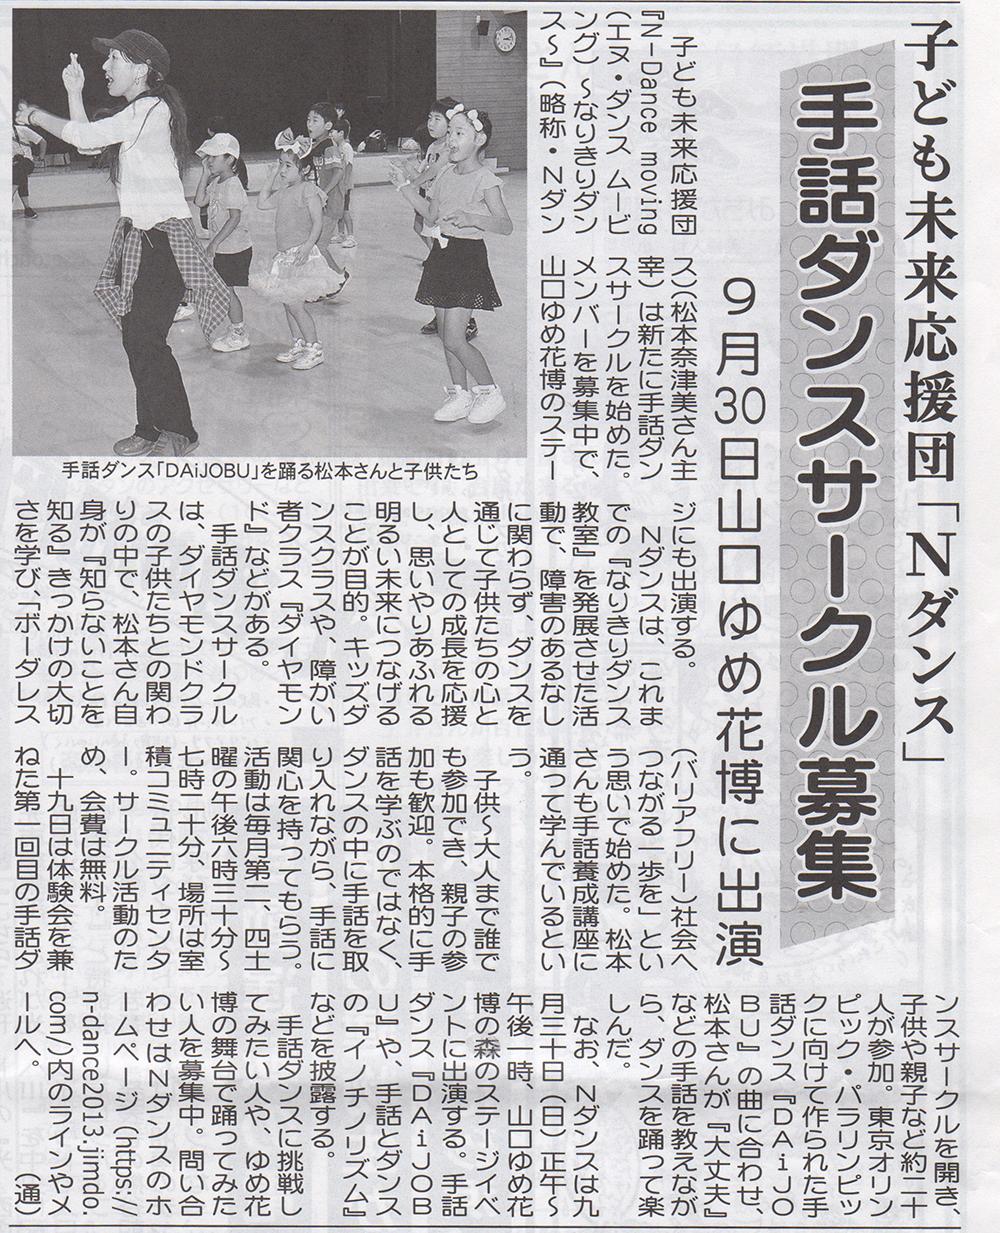 2018.8/27 瀬戸内タイムス